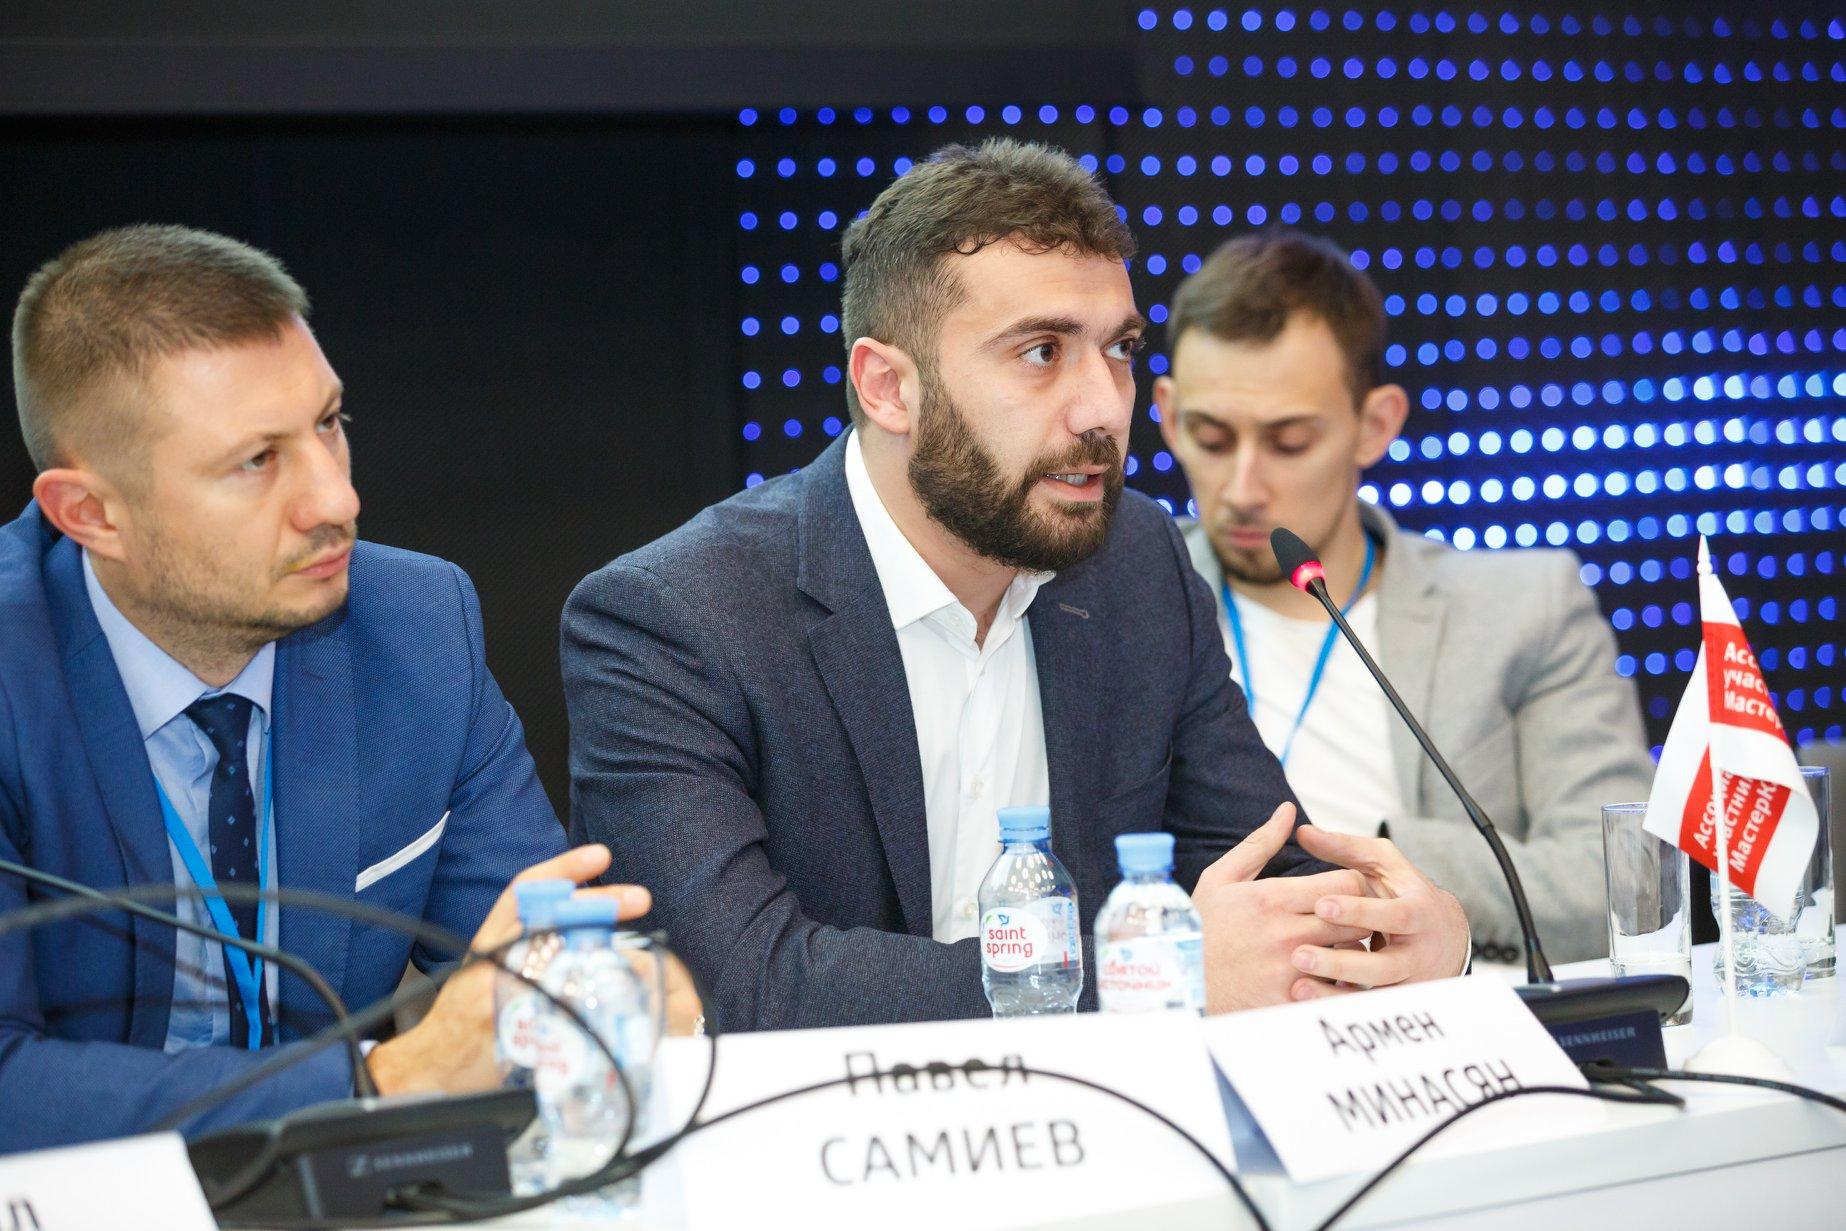 Армен Минасян, генеральный директор одной из крупнейших в России краудлендинговых платформ «Город Денег» рассказал о своем видении в рамках состоявшейся дискуссии в Ассоциации